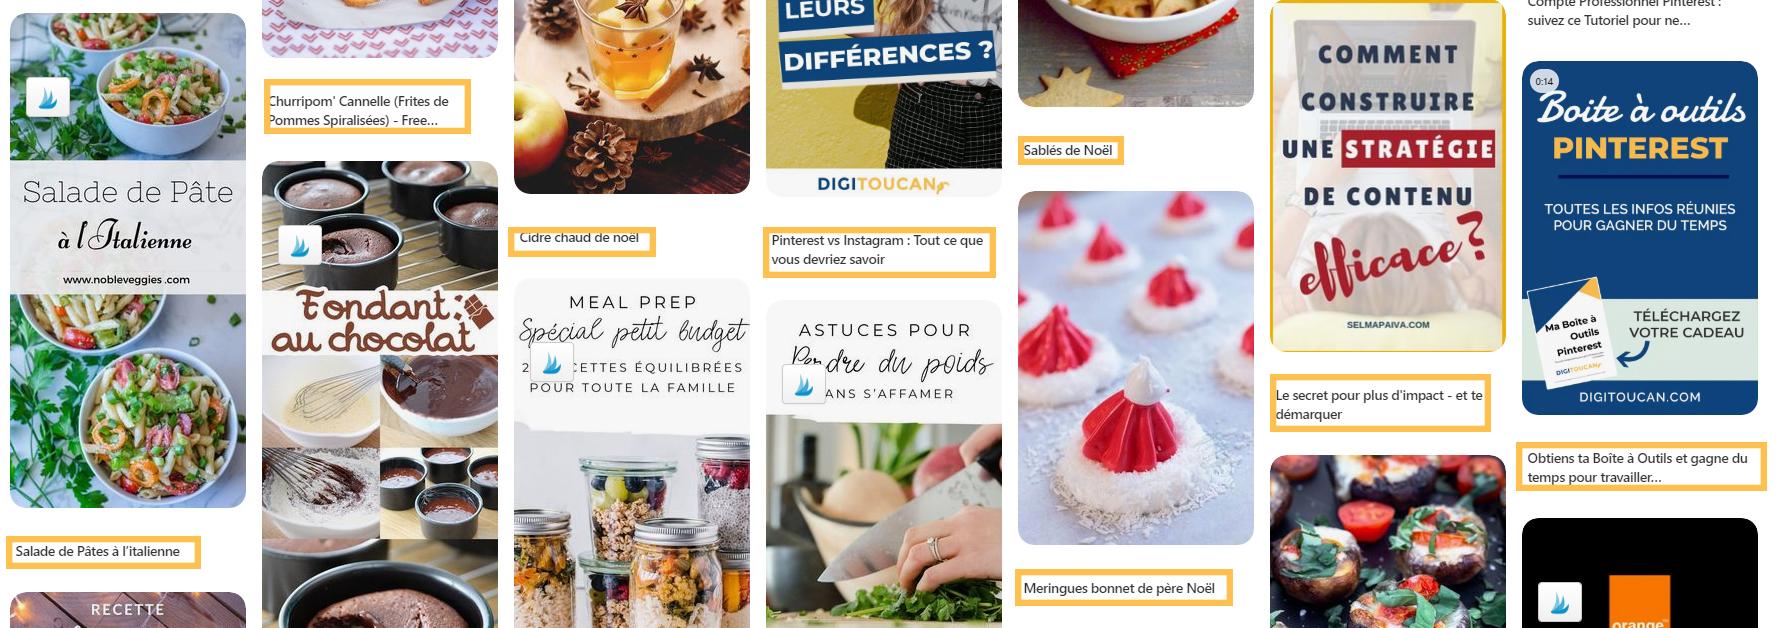 Feed des épingles dans un compte Pinterest